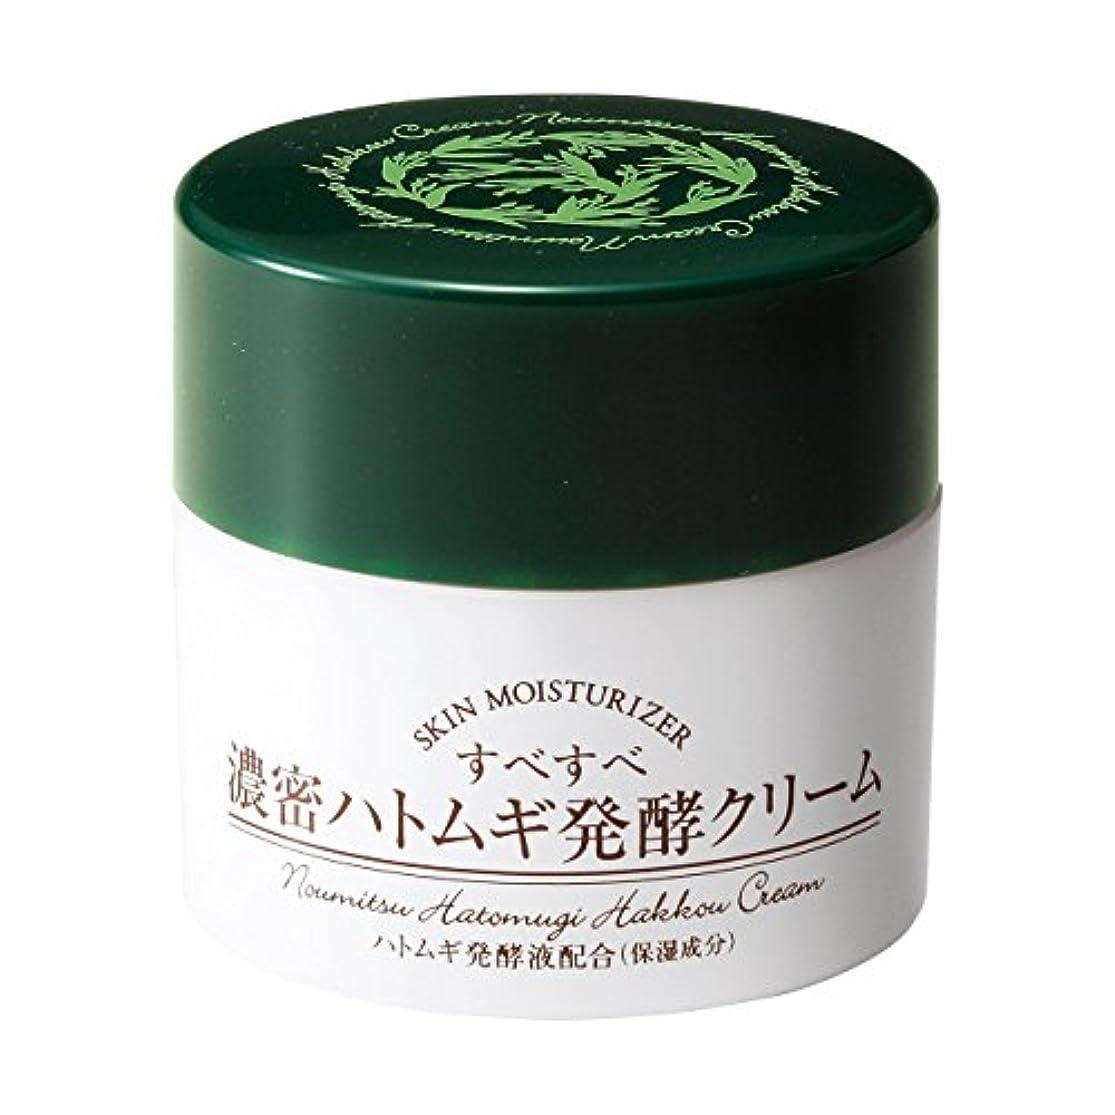 マントル表面遺産すべすべ濃密ハトムギ発酵 クリーム 59688